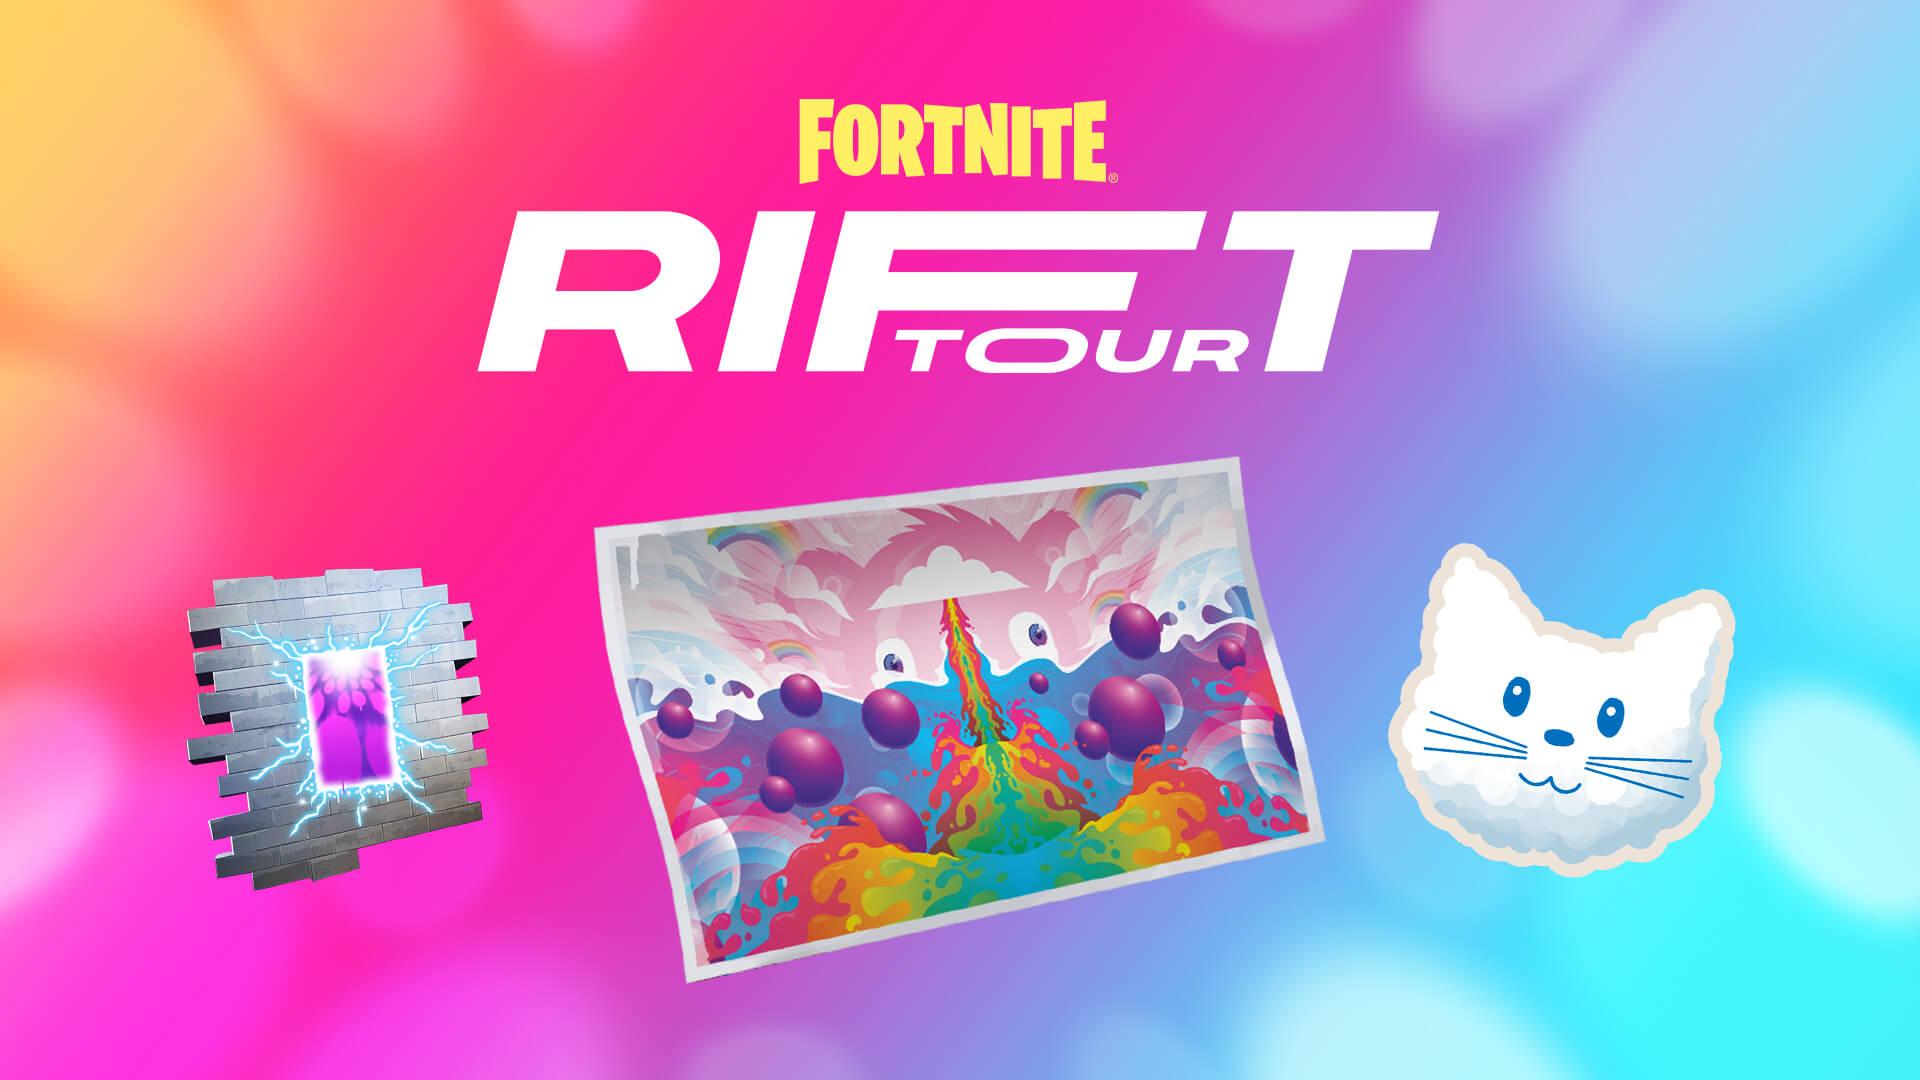 IT 17BR RiftTour Rewards Social